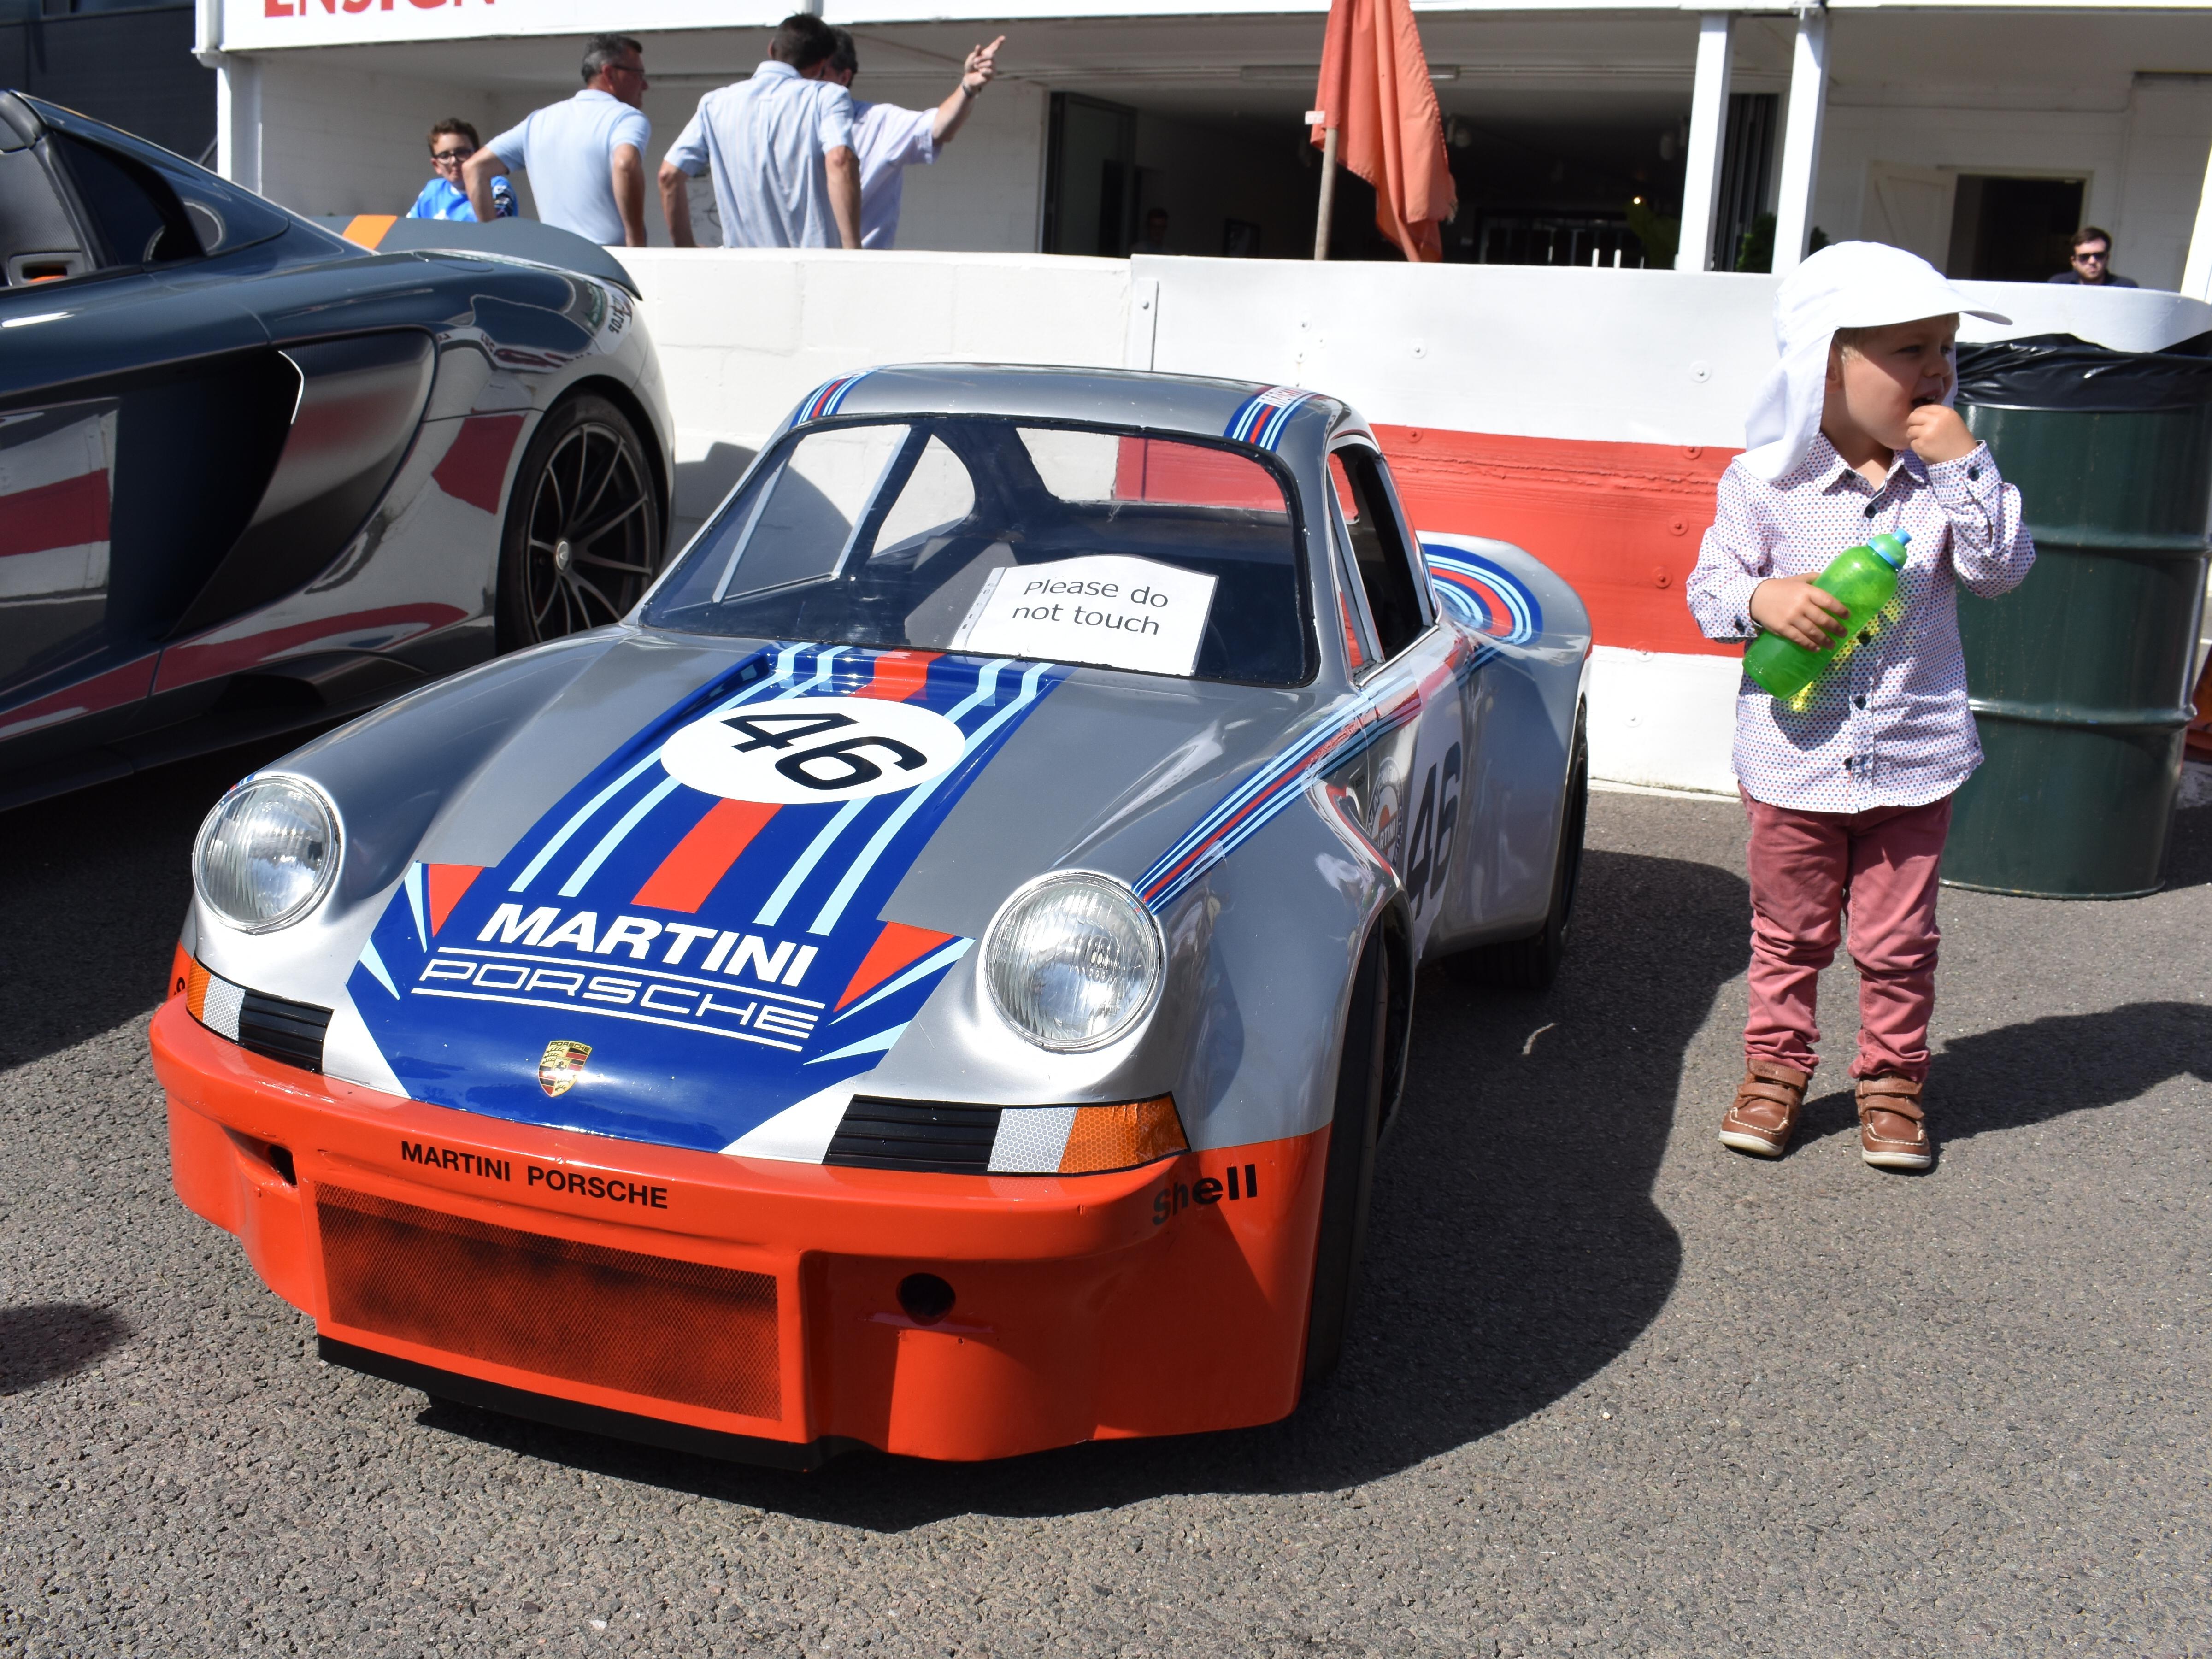 Kids-go-kart-Porsche.JPG#asset:3049